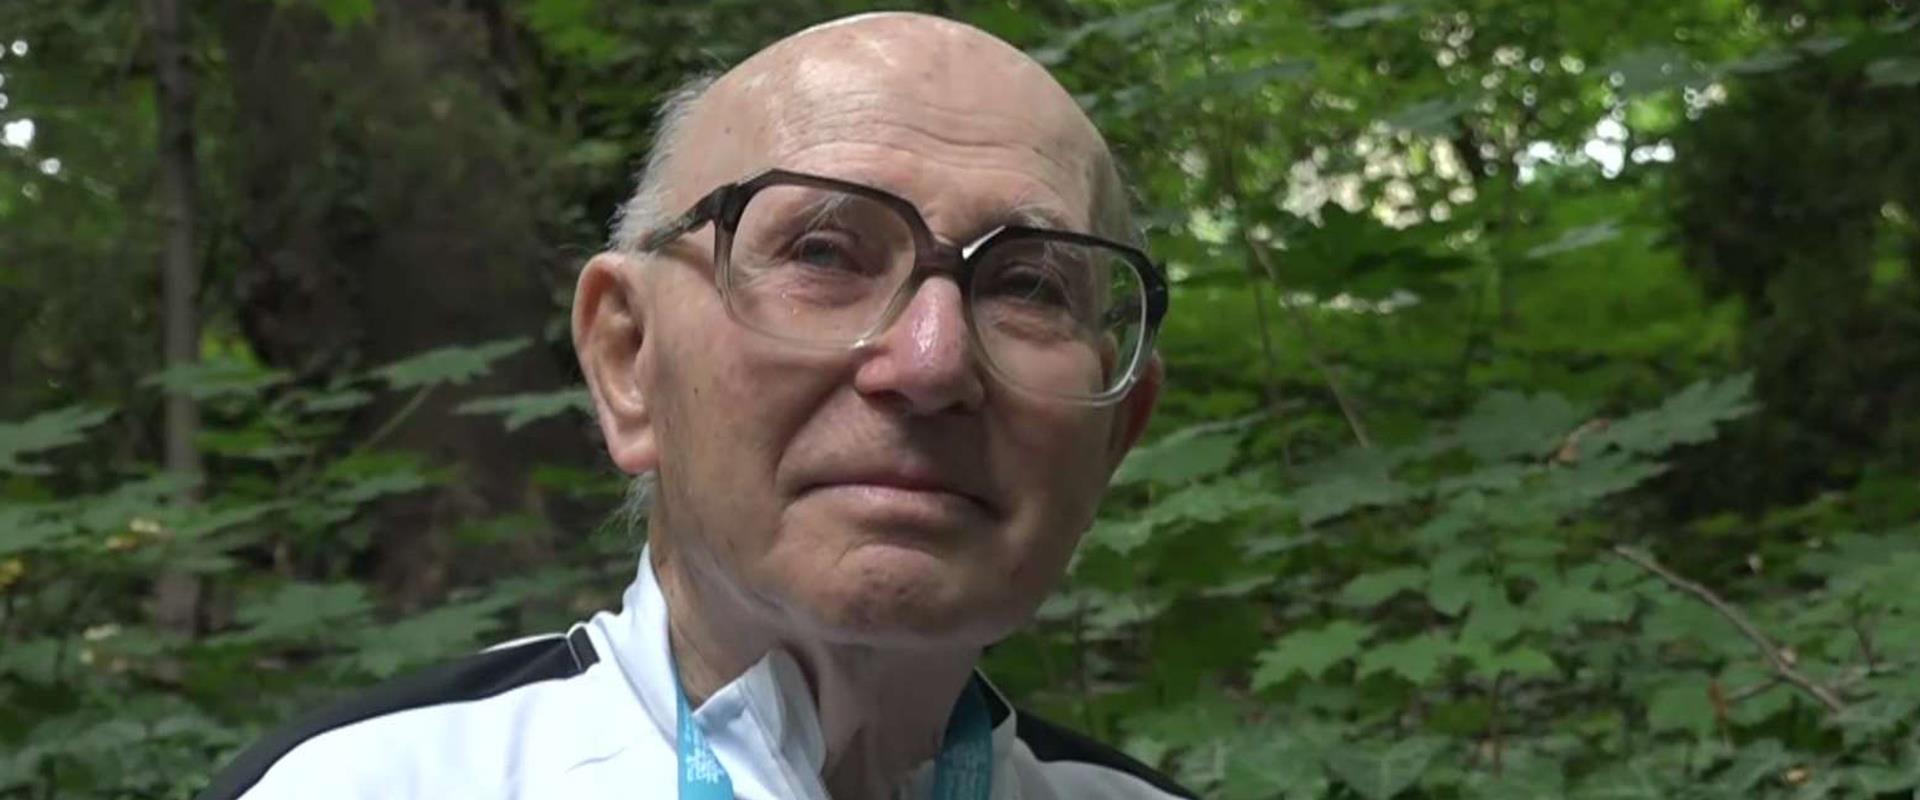 הספורטאי האולימפי ששרד את השואה ולא עוצר